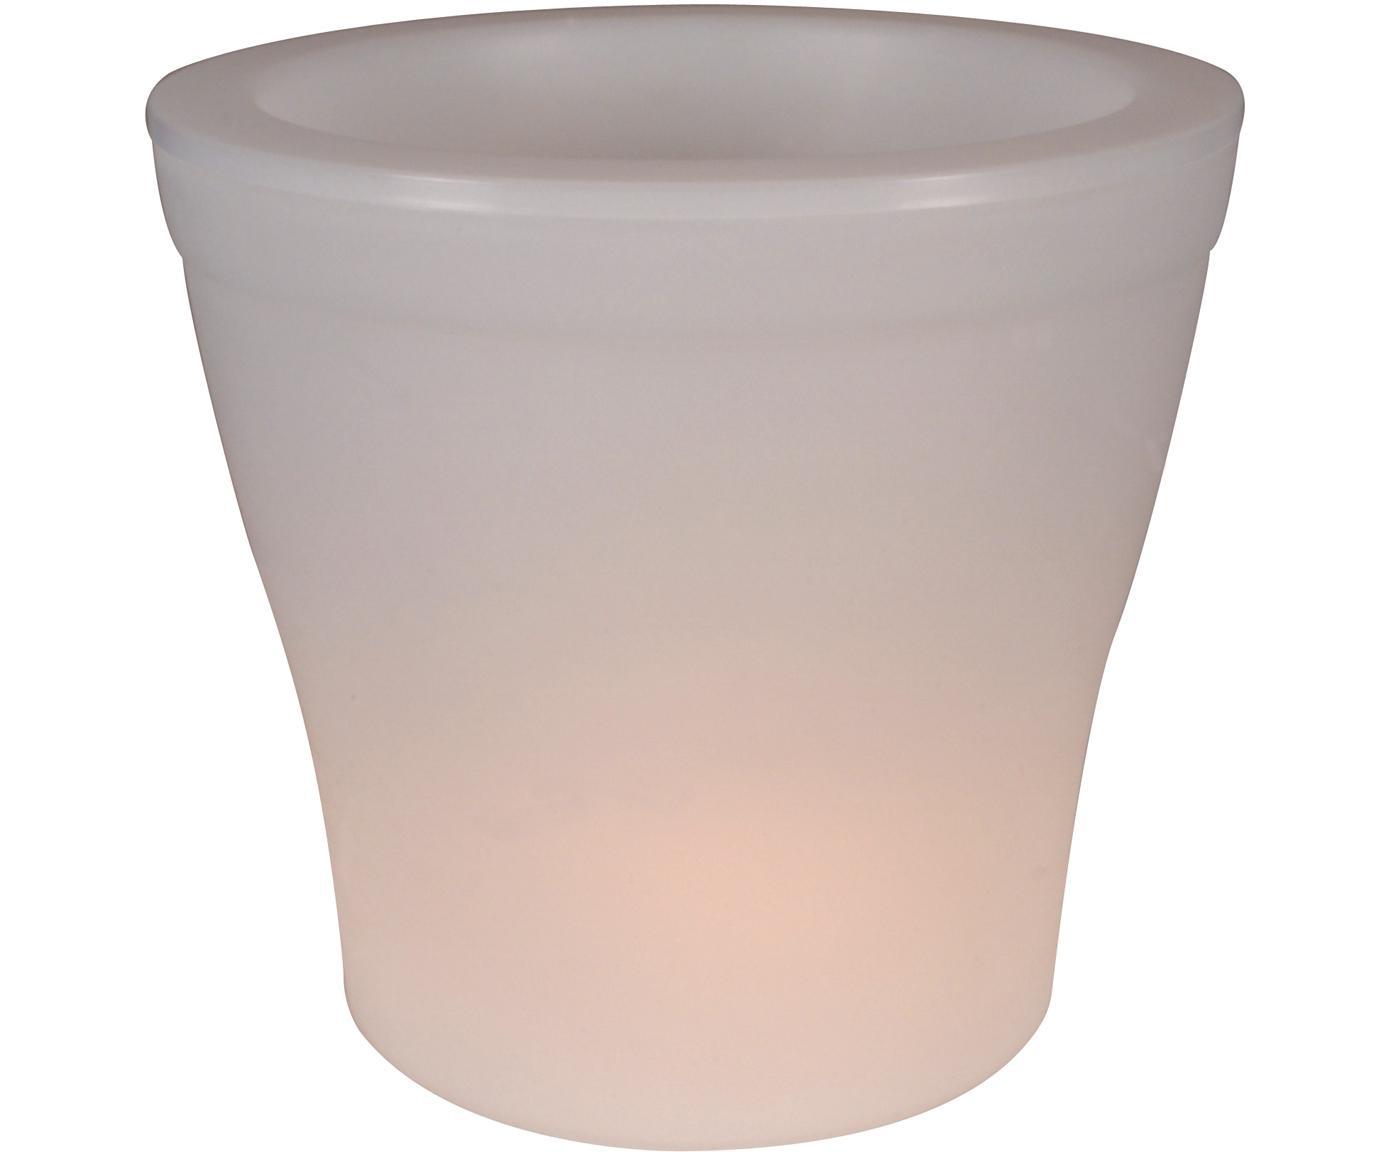 Zewnętrzna mobilna lampa LED Flowerpot, Tworzywo sztuczne, Biały, Ø 39 x W 37 cm